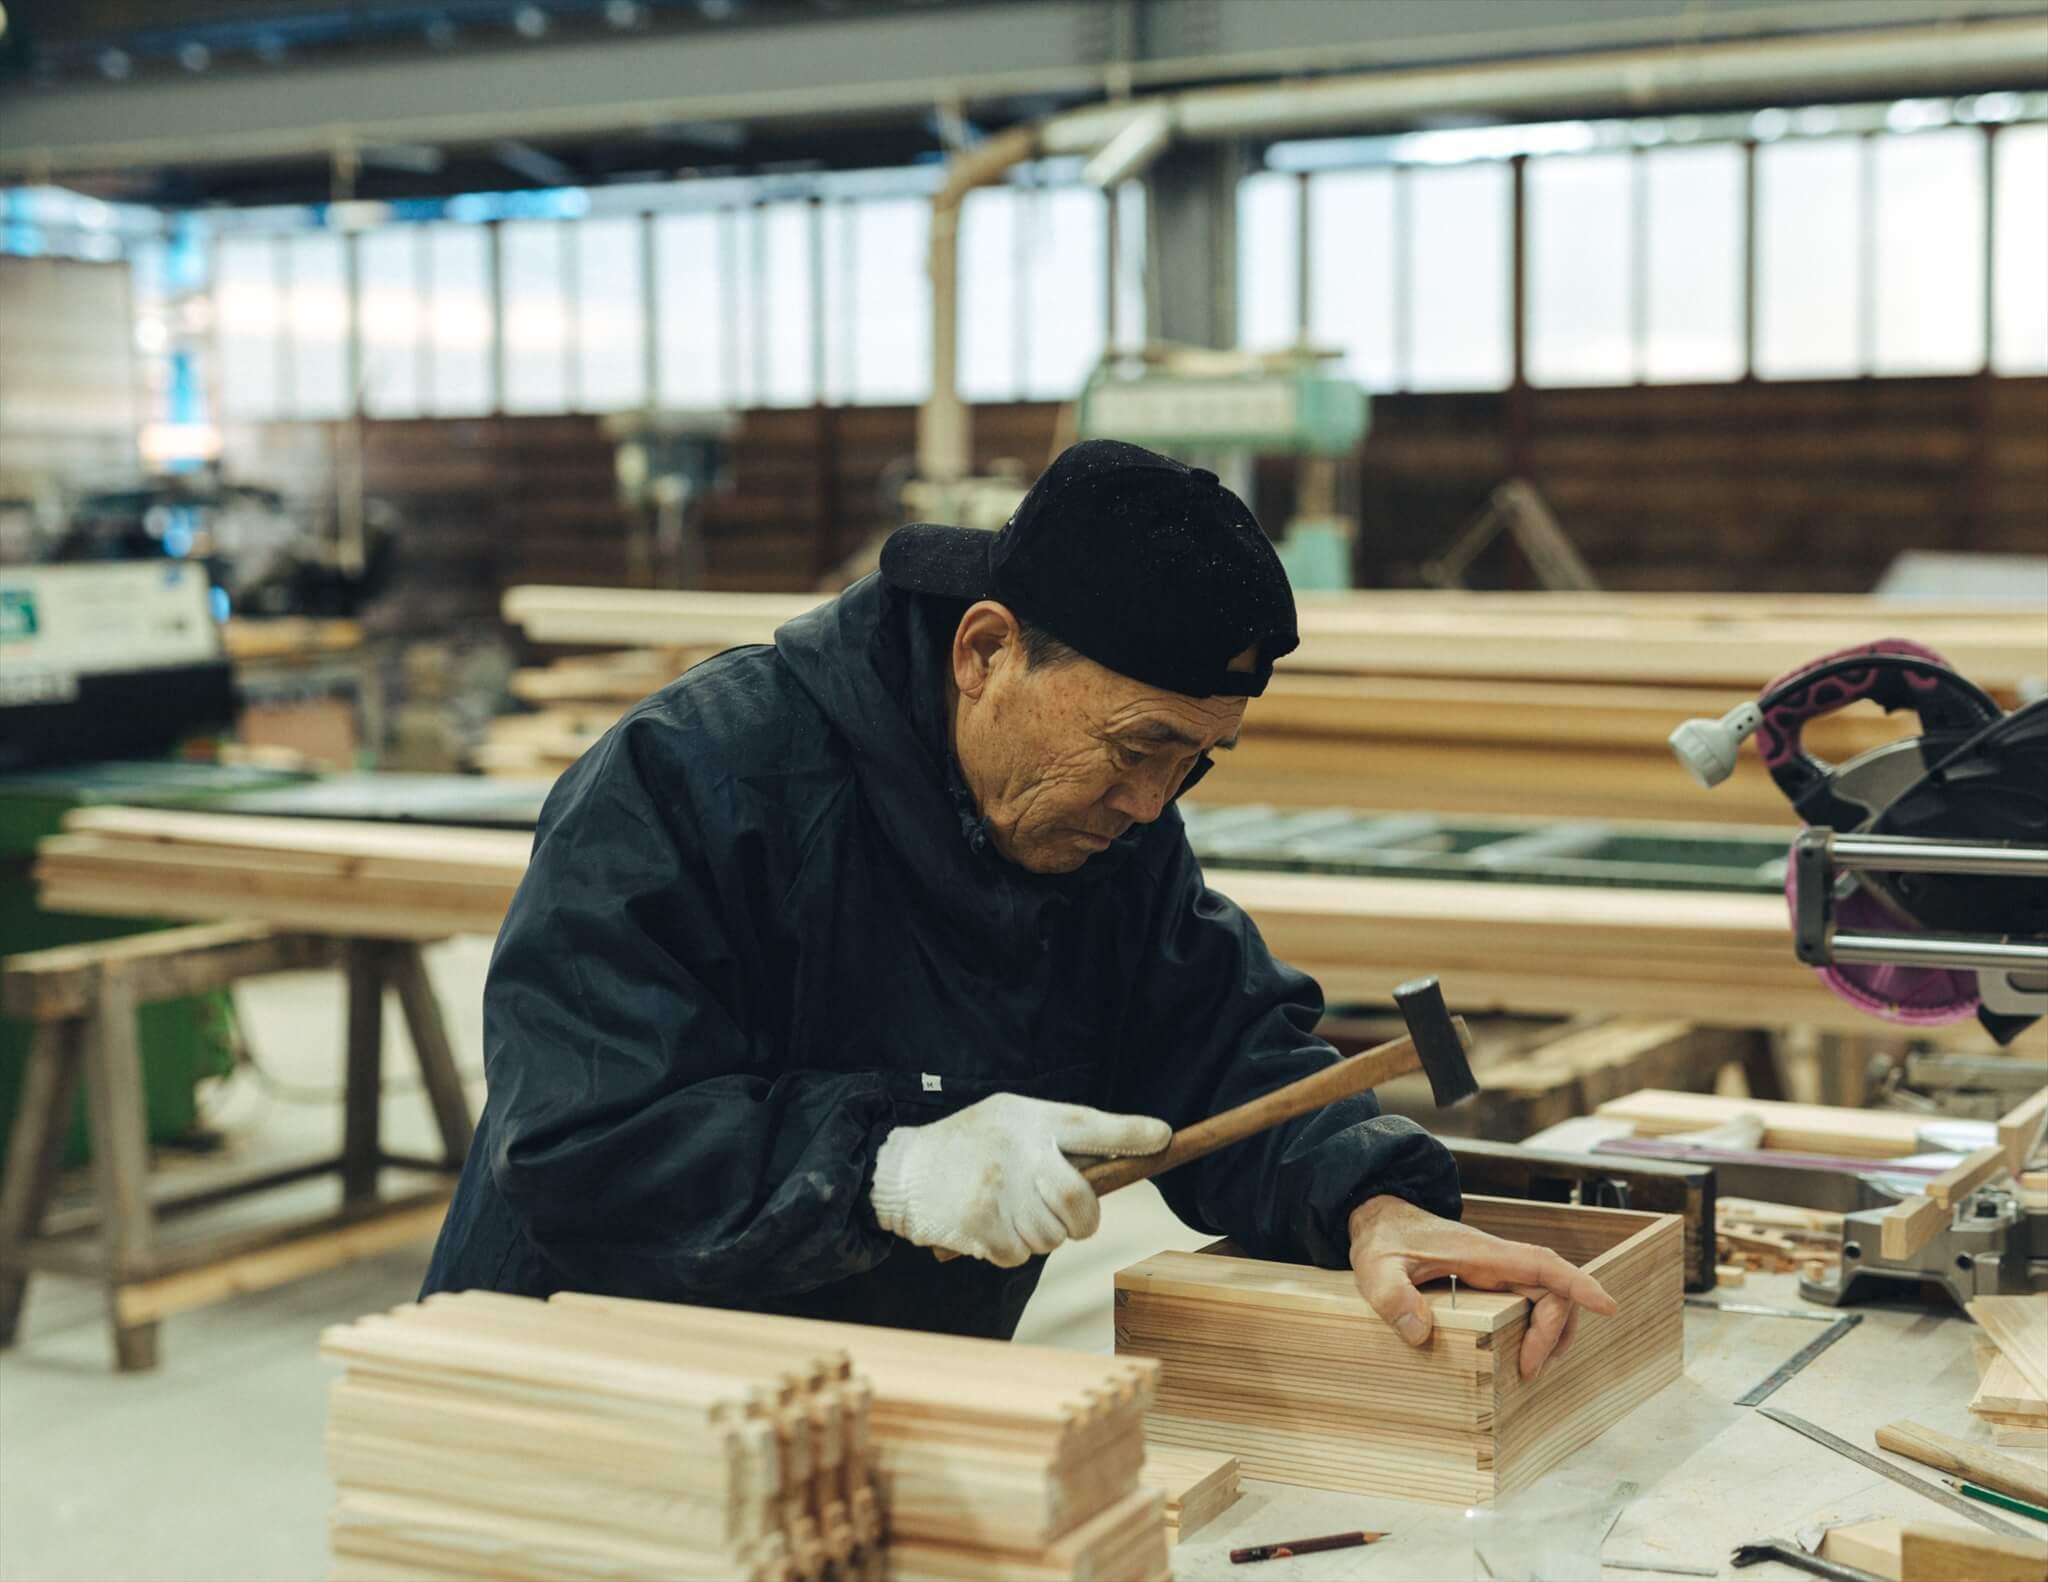 釘を打って木箱の底板を取り付ける大工さん